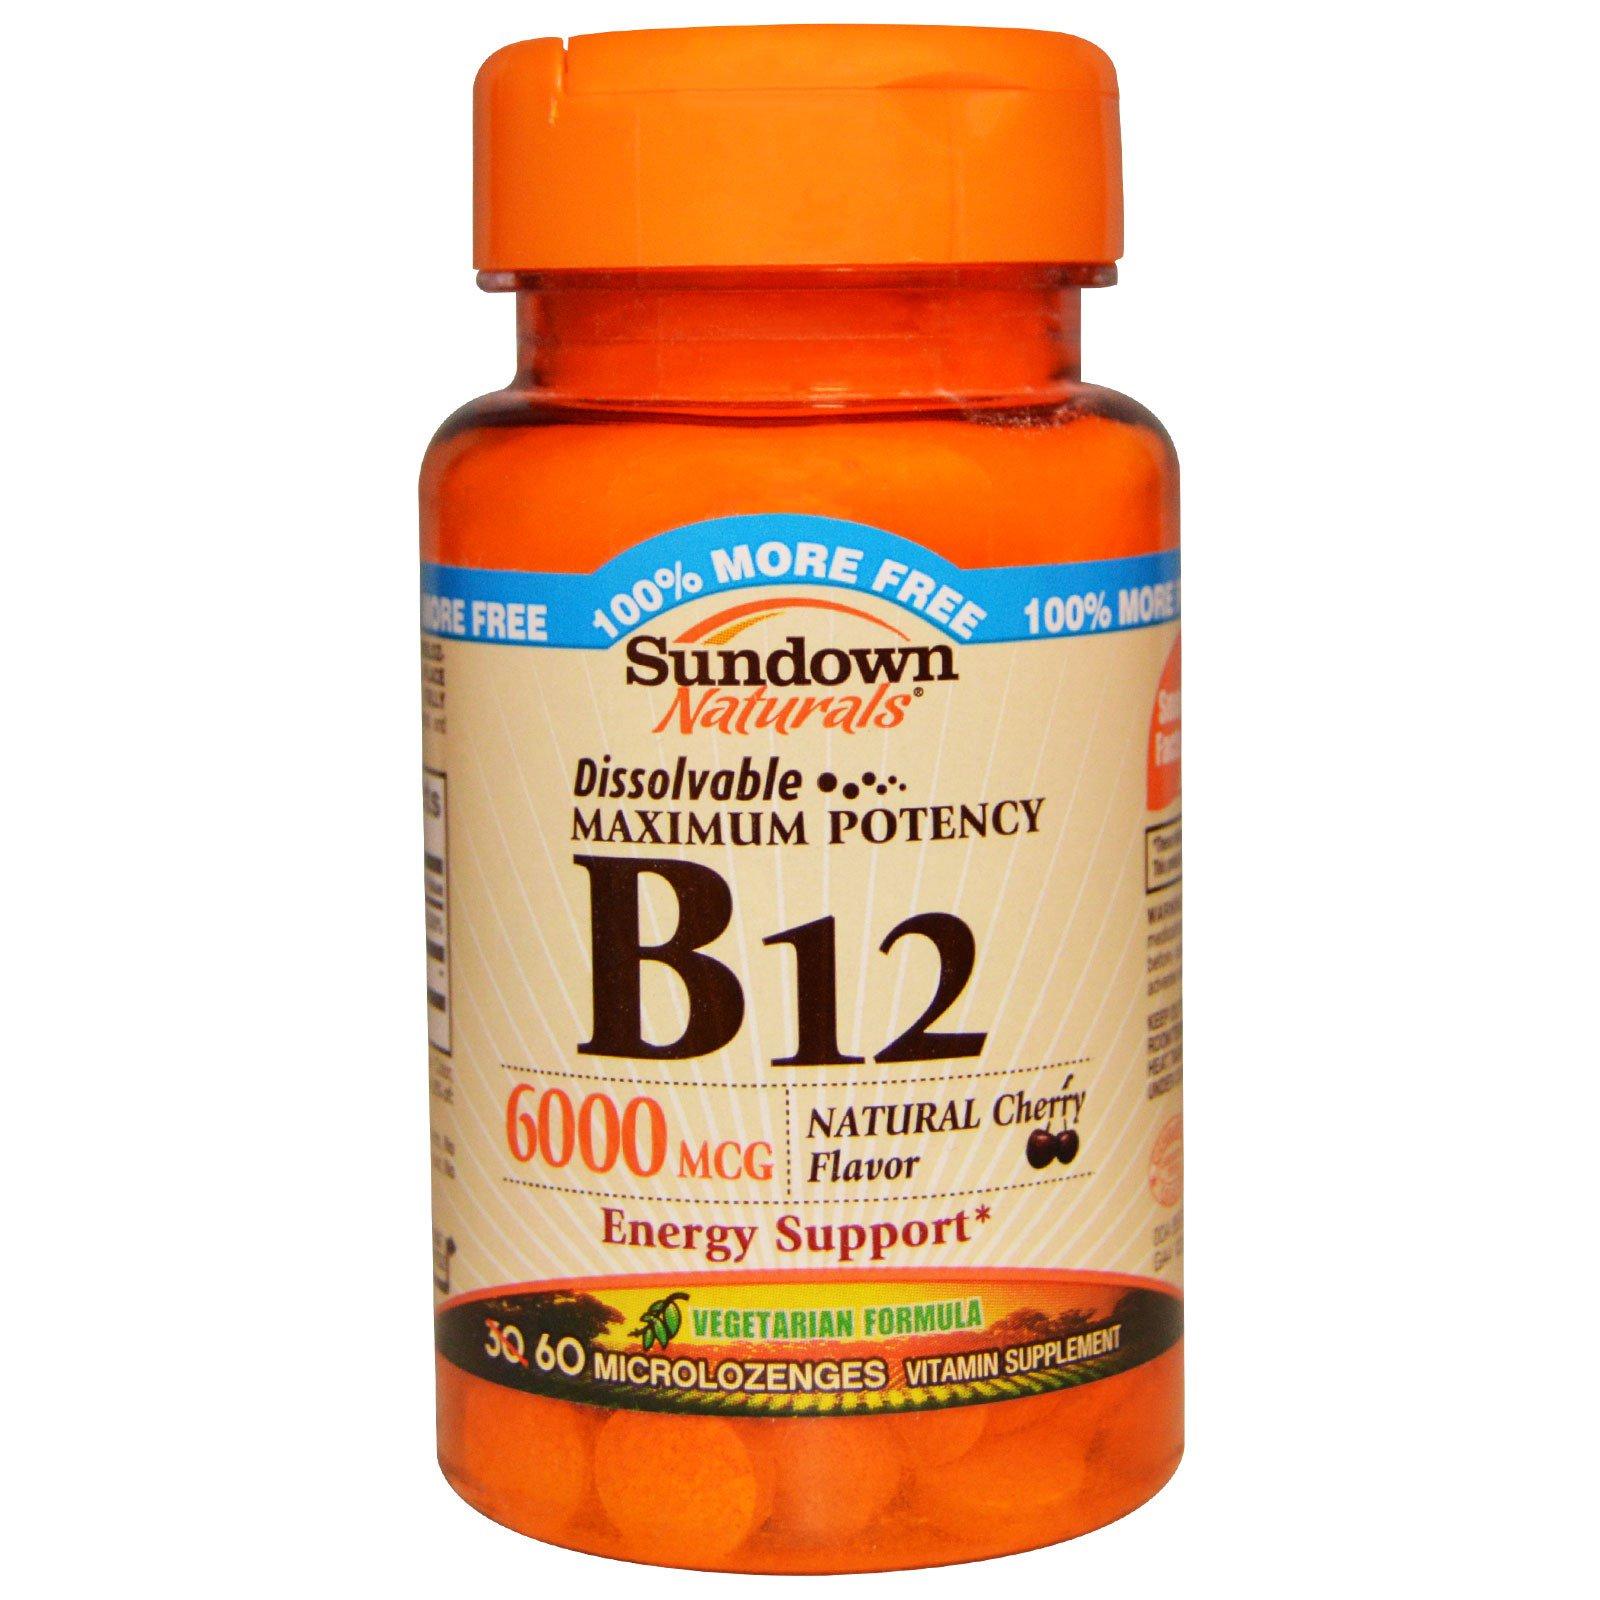 Sundown Naturals, B12, максимальная эффективность, натуральный вишневый вкус, 6000 мкг, 60 мини-леденцов